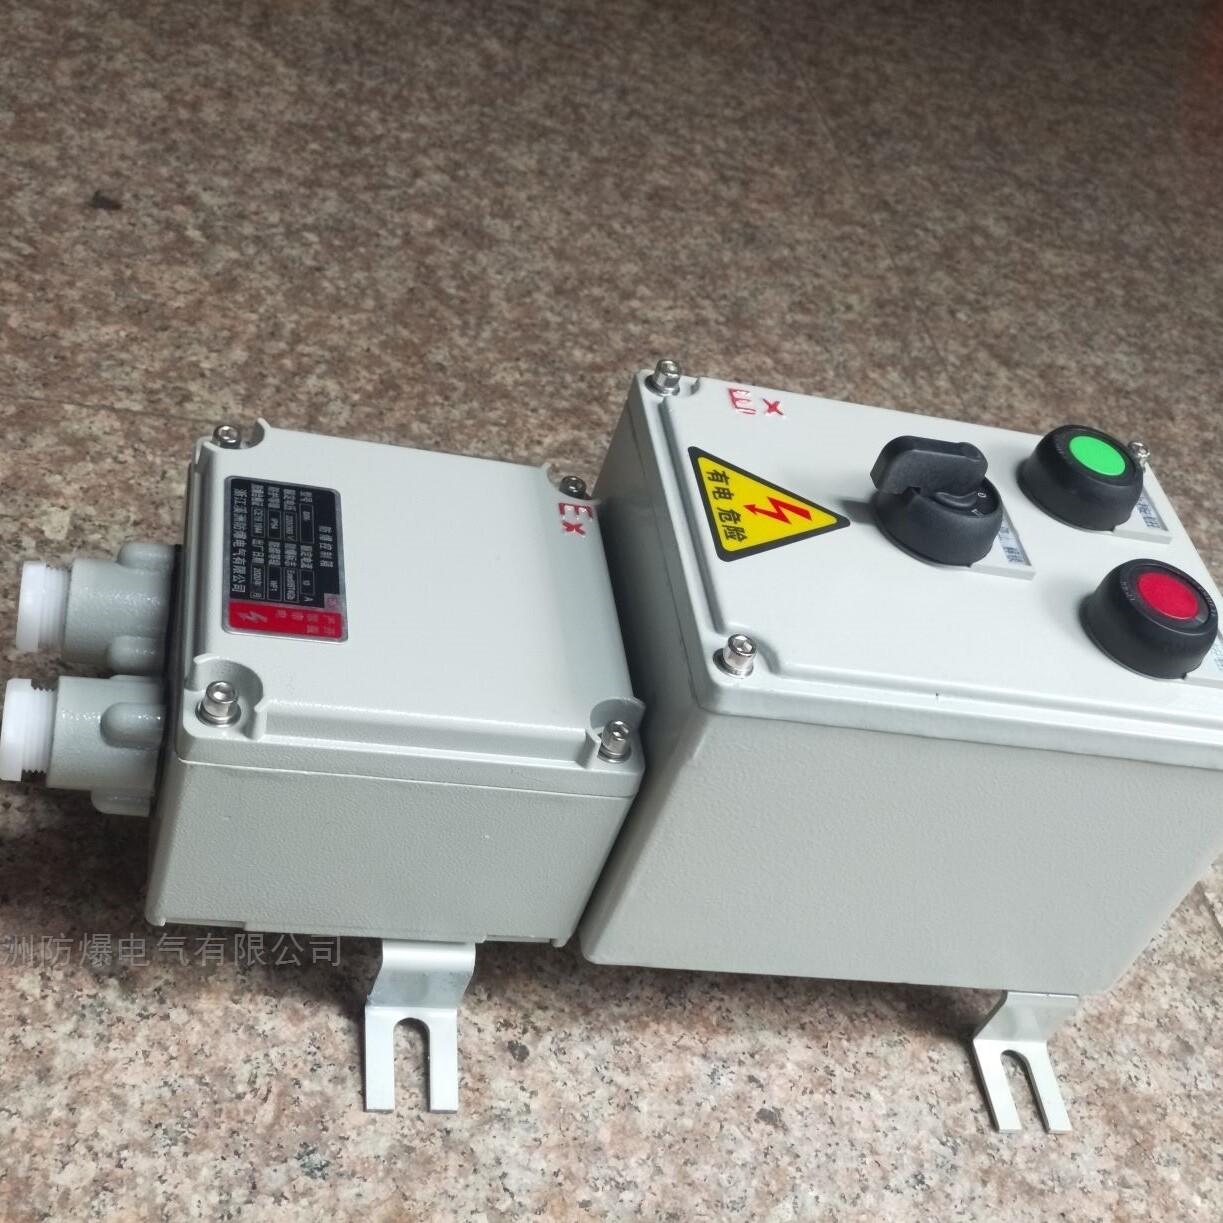 壁挂式复合型防爆控制箱